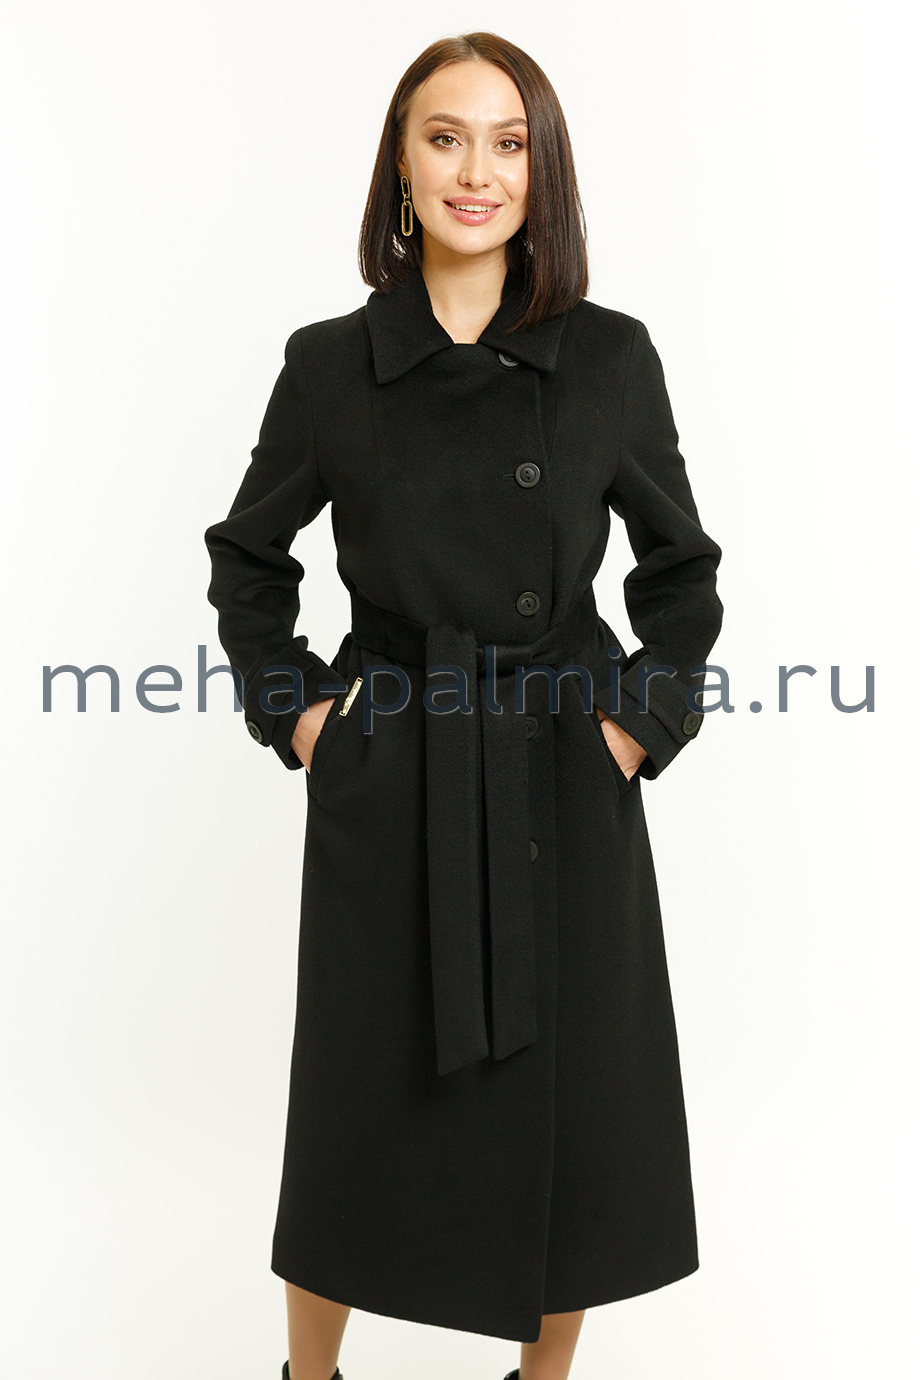 Длинное женское пальто на пуговицах в чёрном цвете